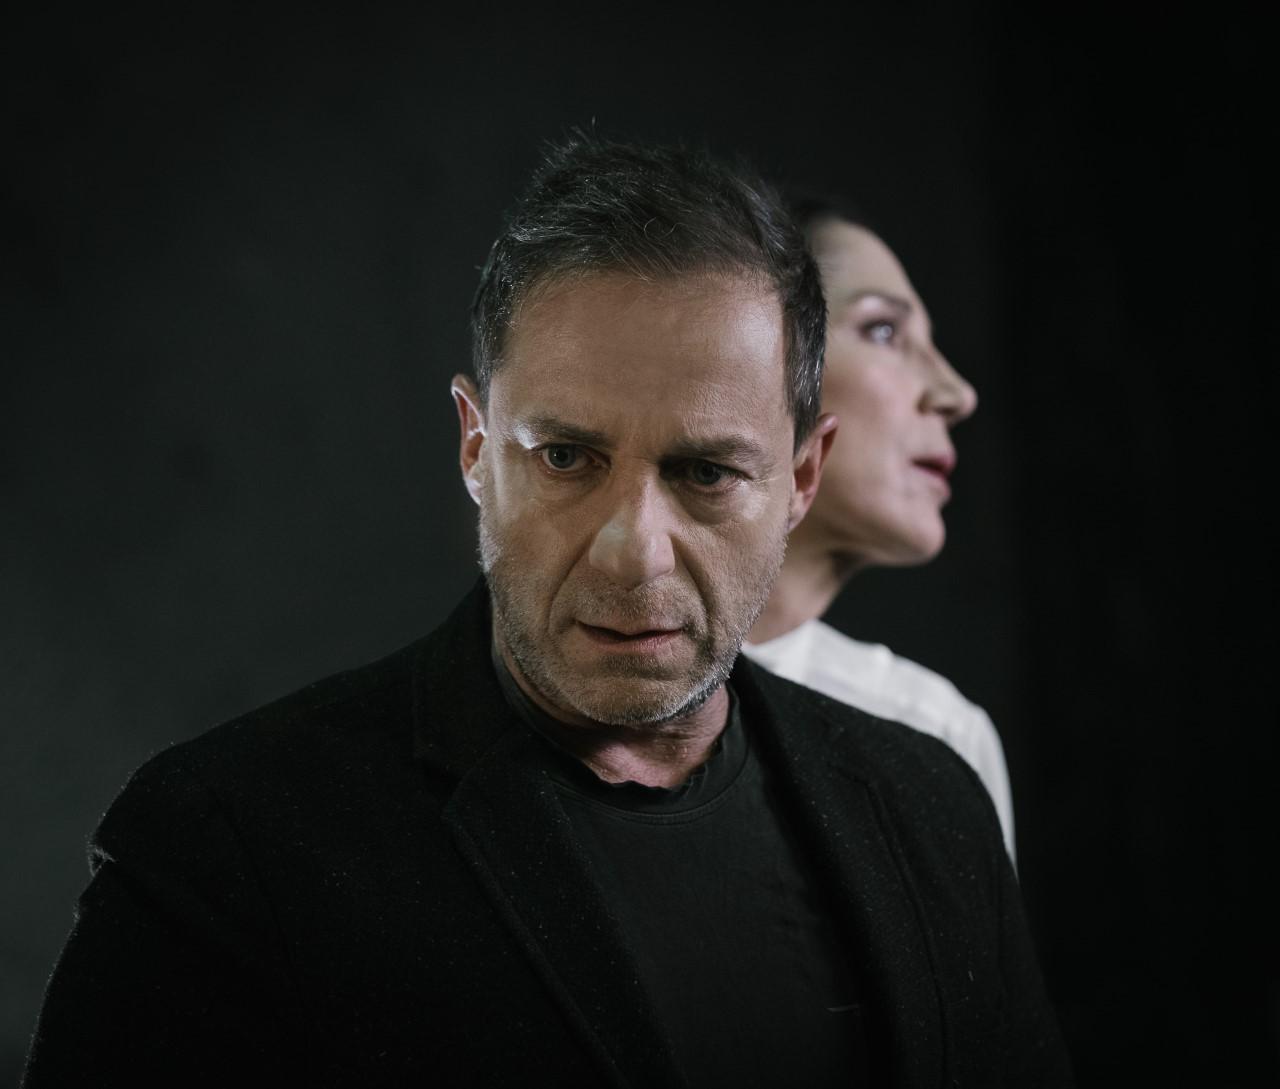 Δημήτρης Λιγνάδης, Αμαλία Μουτούση